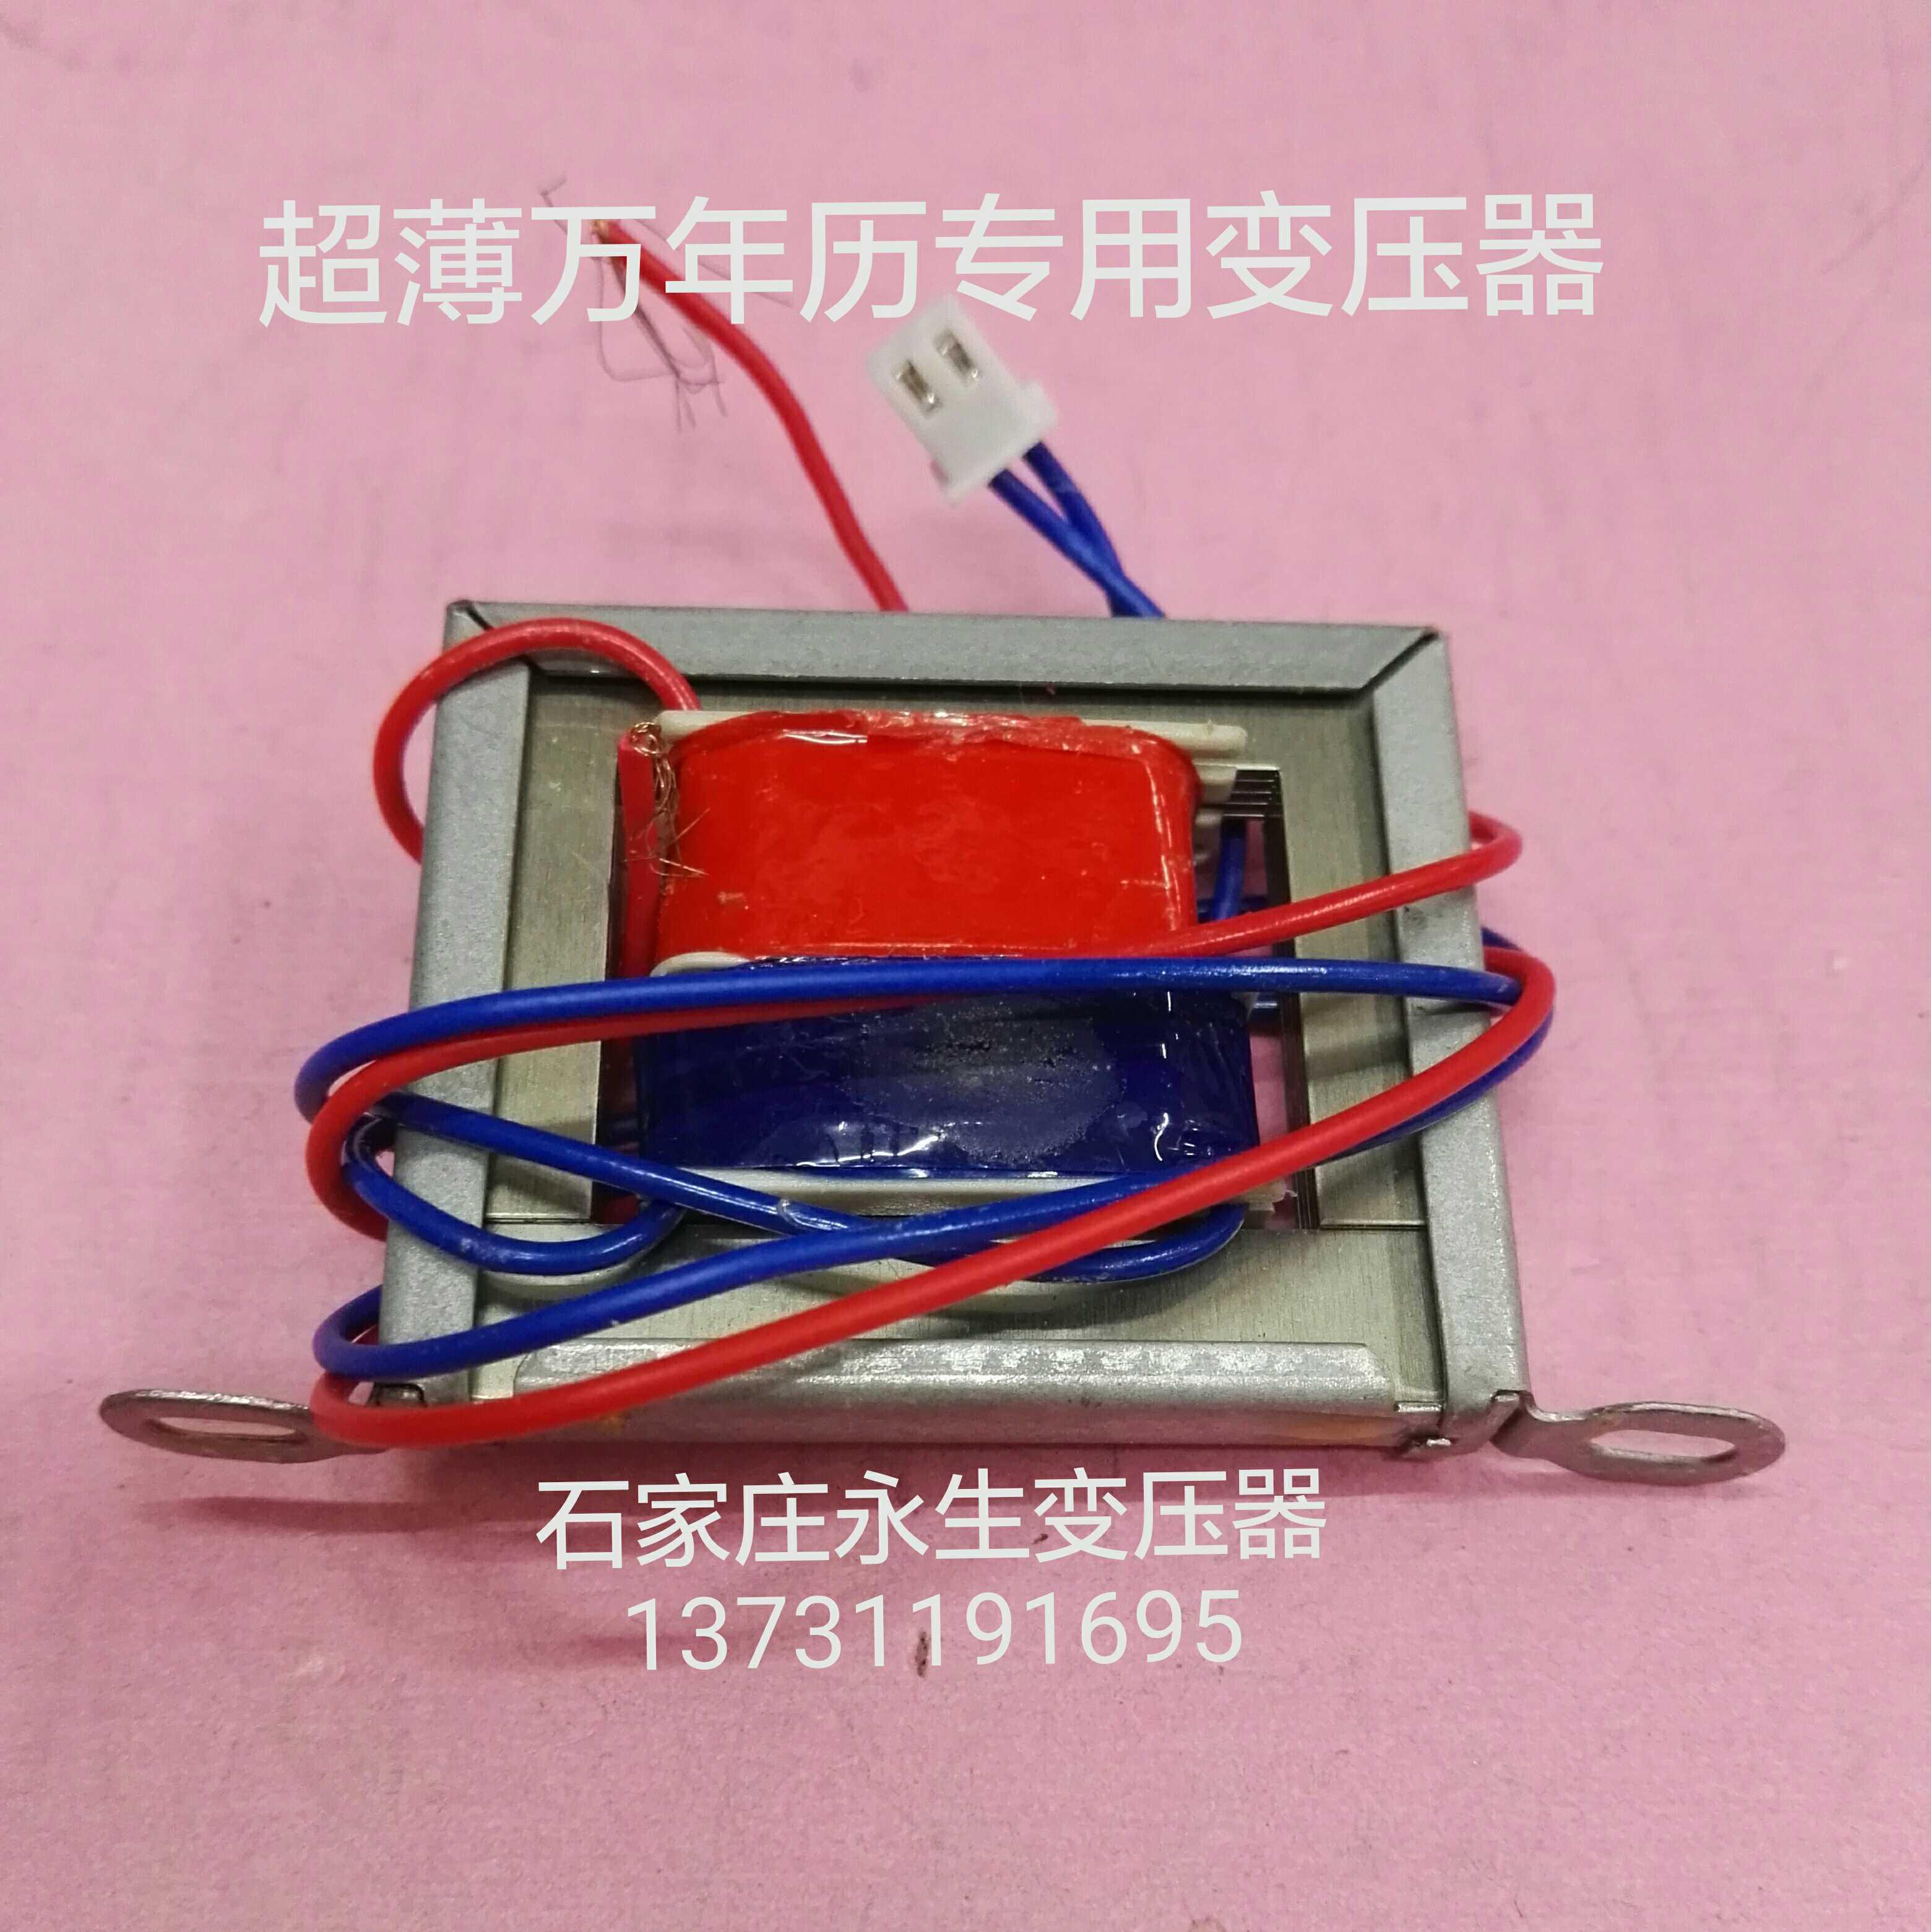 [超薄万年历 电子钟 ] для [电源变压器 220V转9V] полностью [铜线 硅钢片变压器]